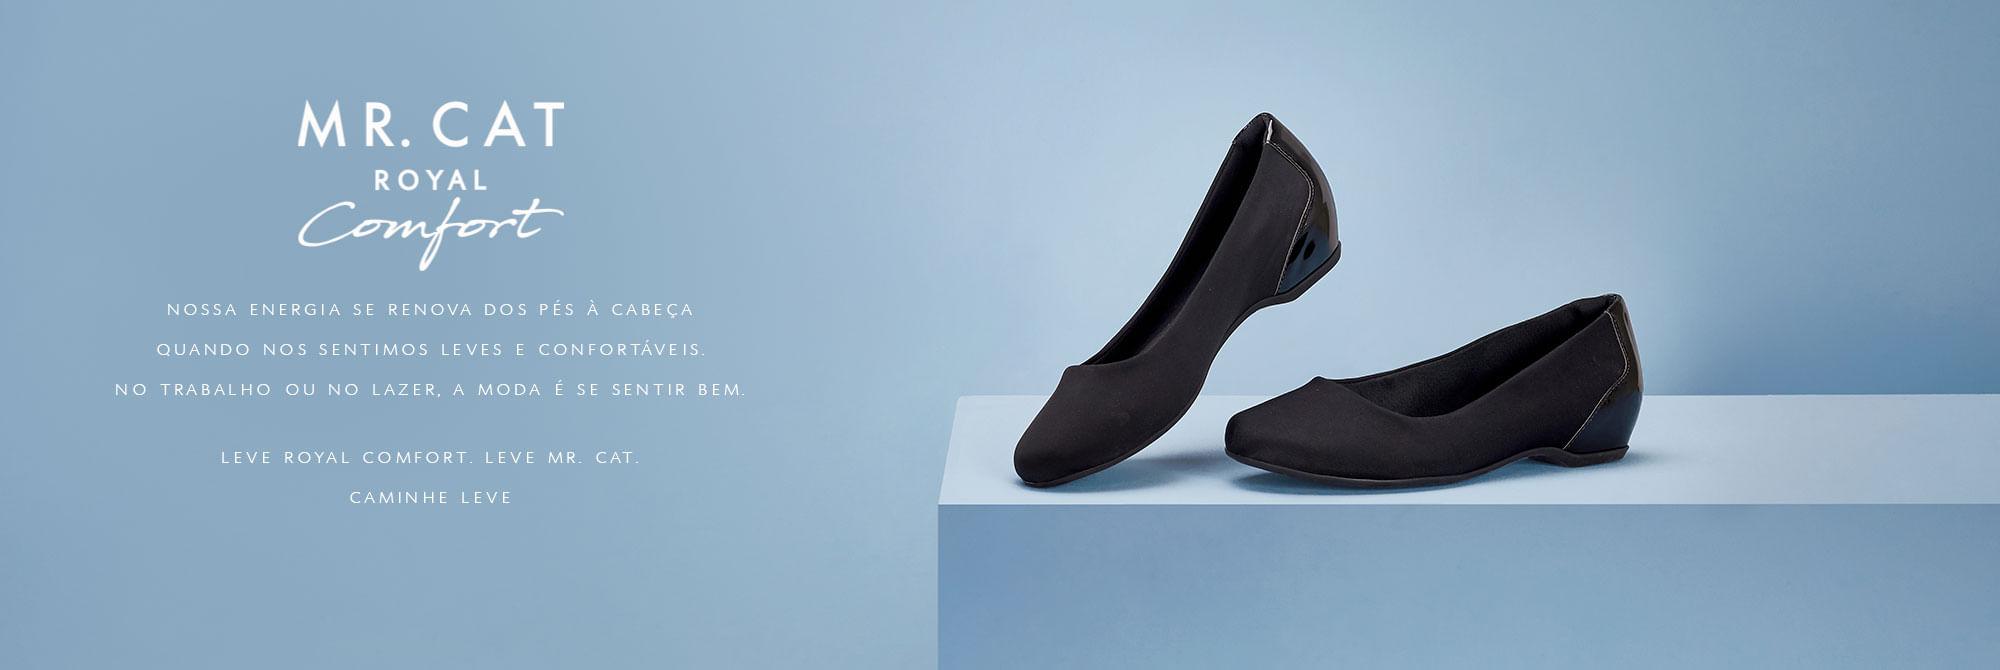 7775c89b9a Feminino - Sapatos Linha Royal Comfort flexível – Mr Cat